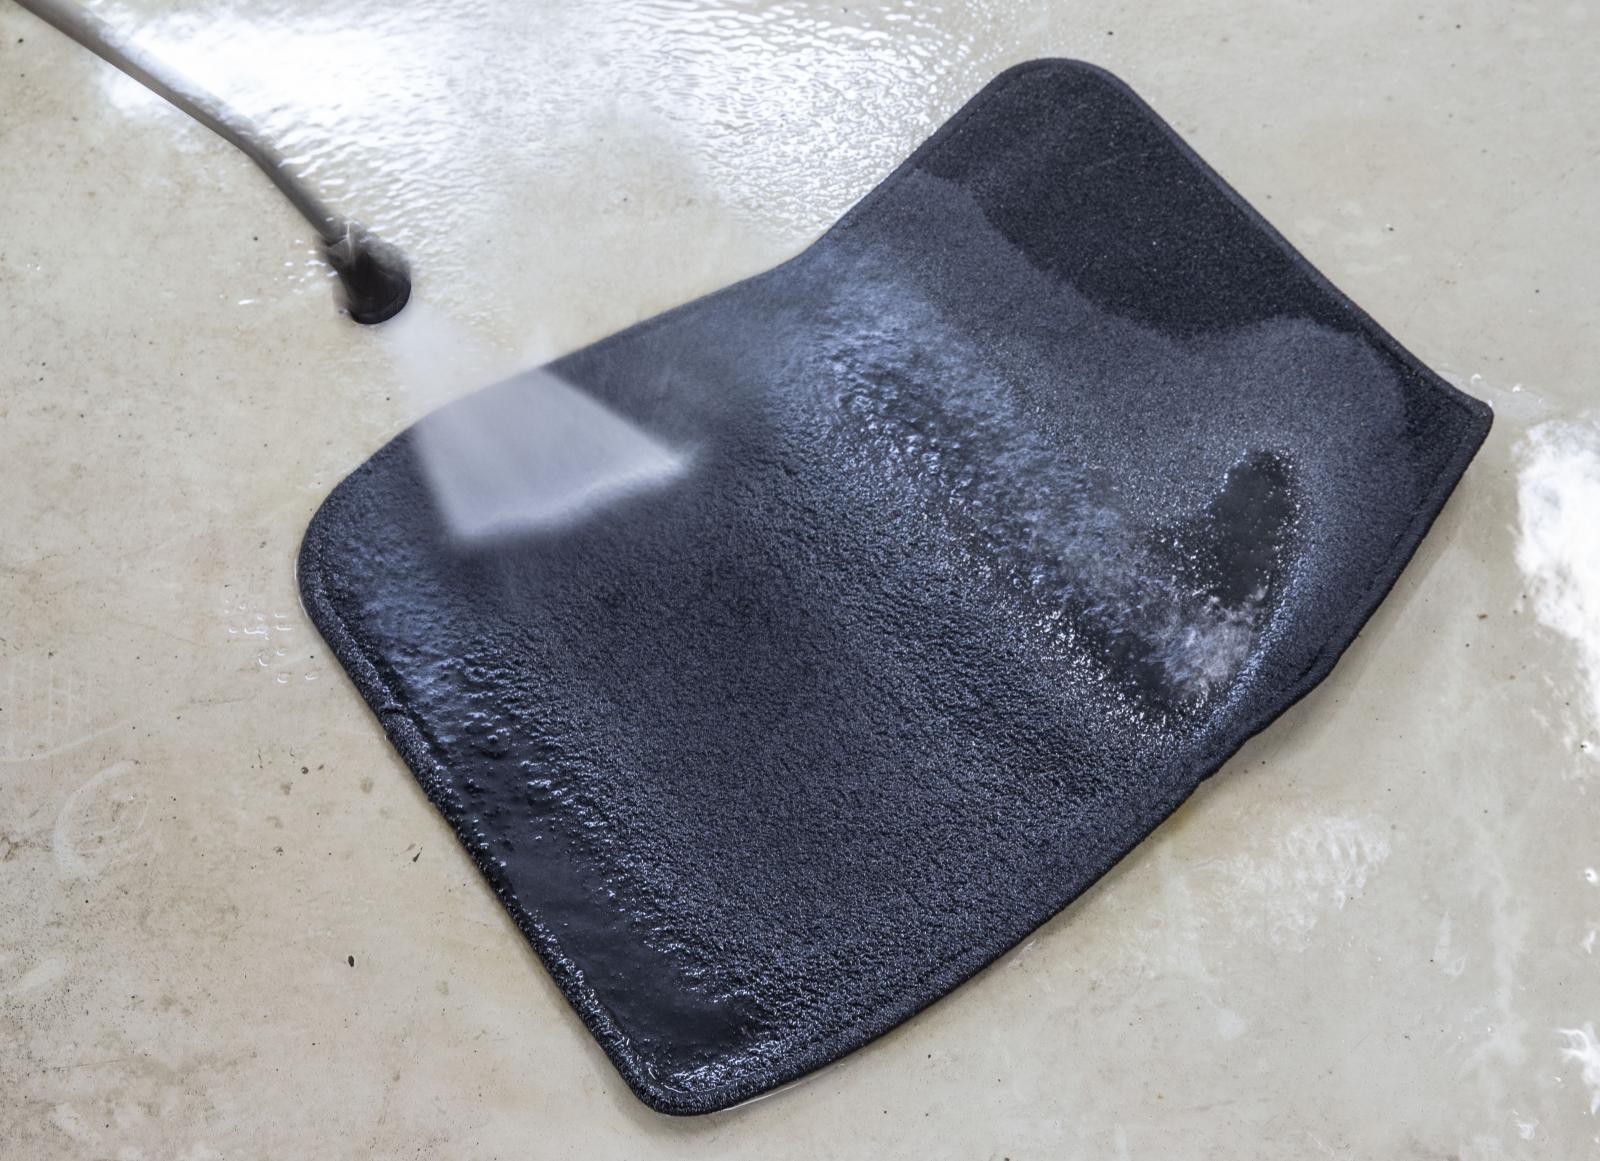 Högtryckstvätten hålls på visst avstånd för att inte skada mattans struktur.